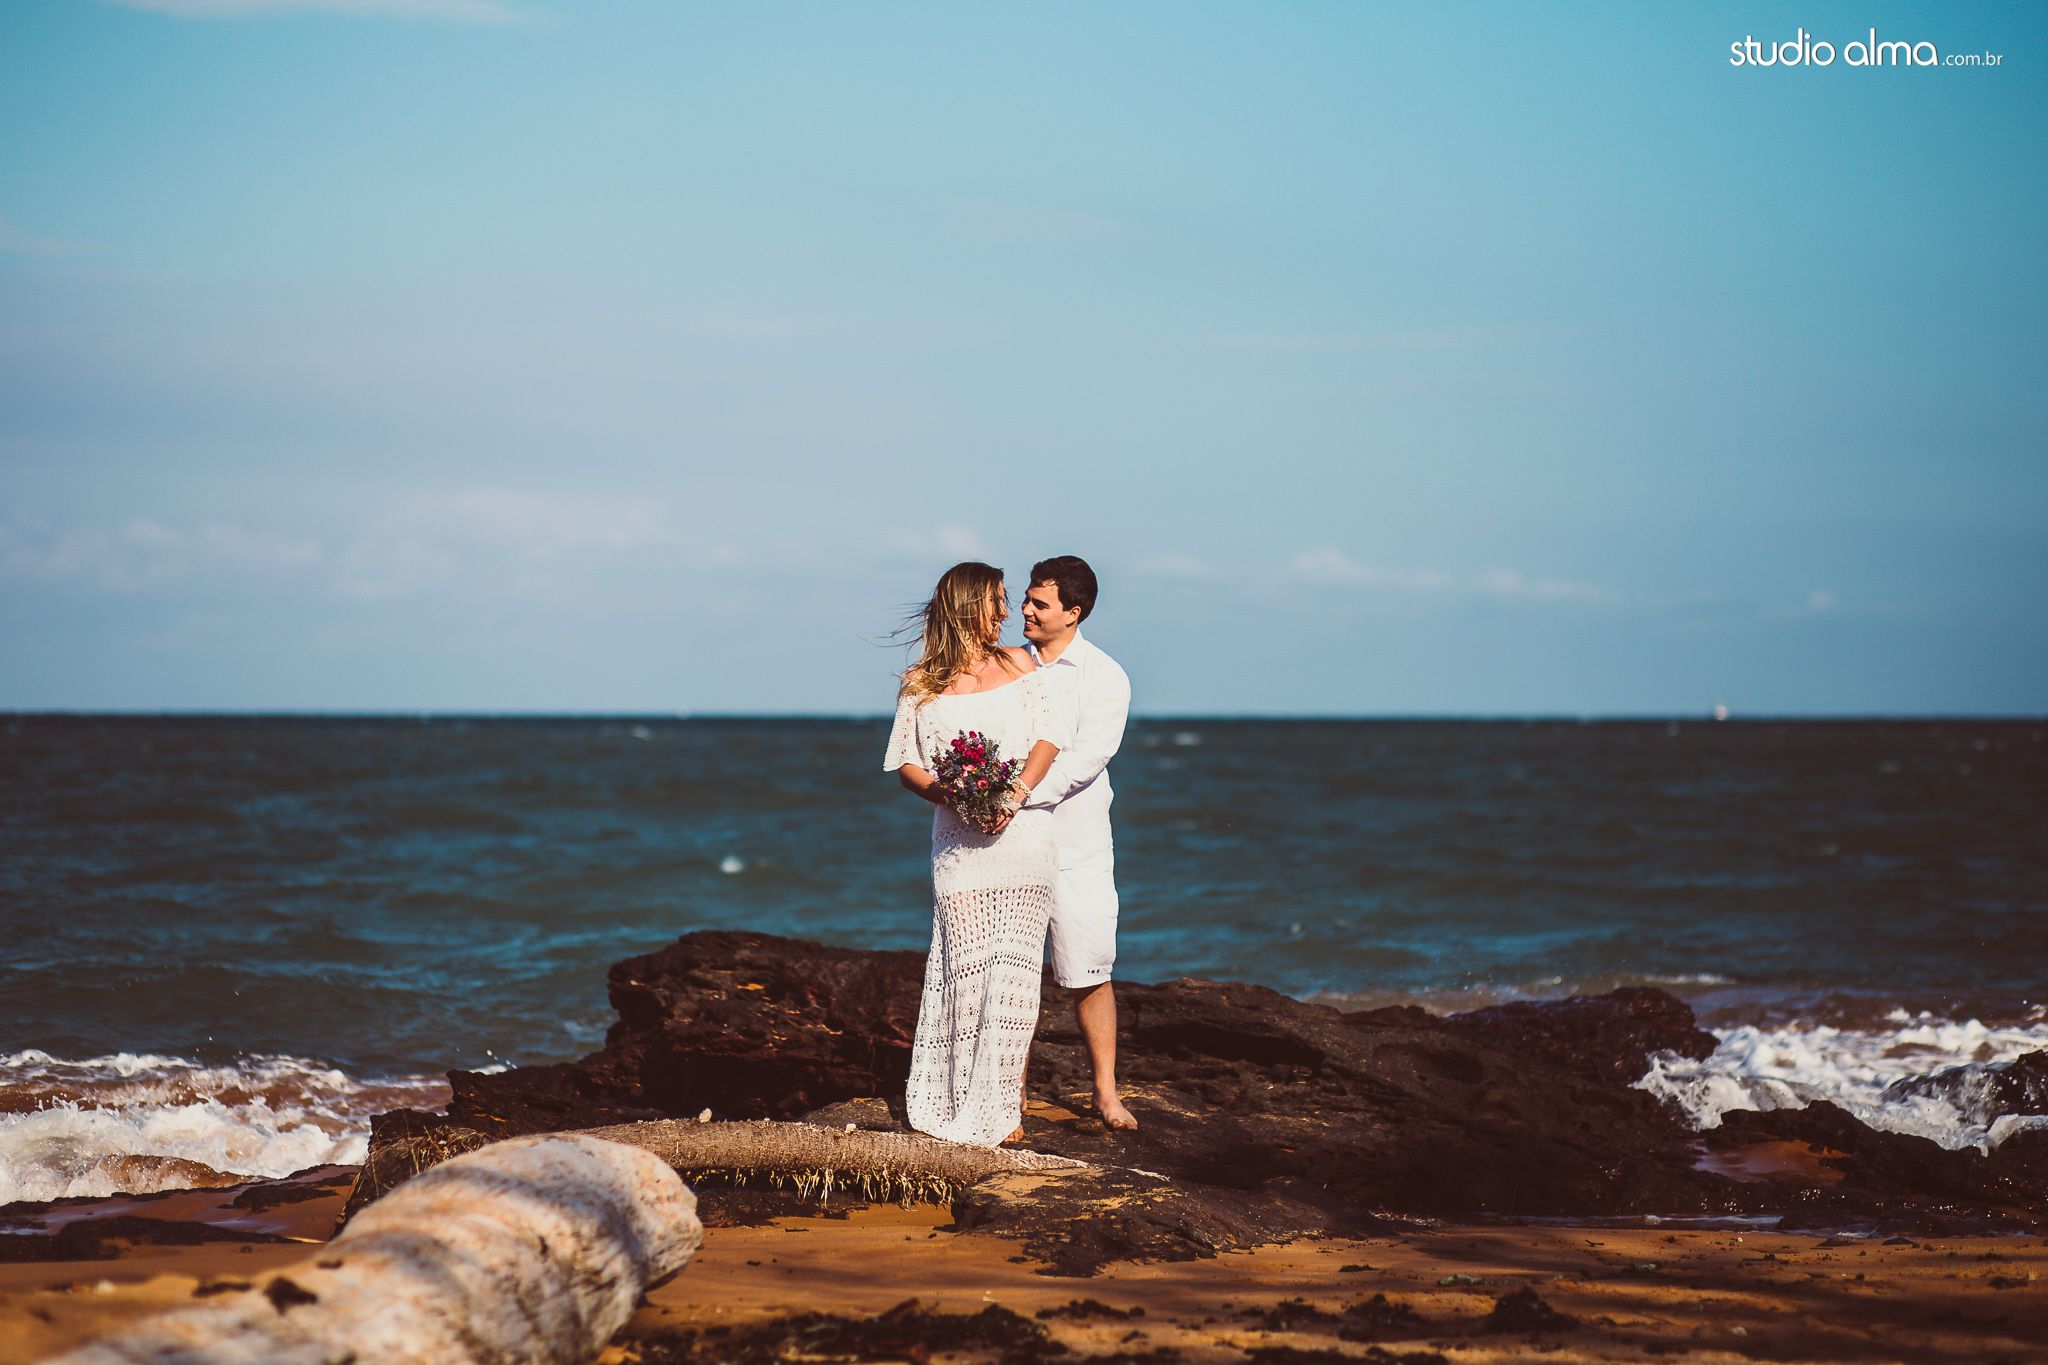 Letícia-André-E-Session-18 Romance e Felicidade - Letícia e André | ensaio pré-wedding